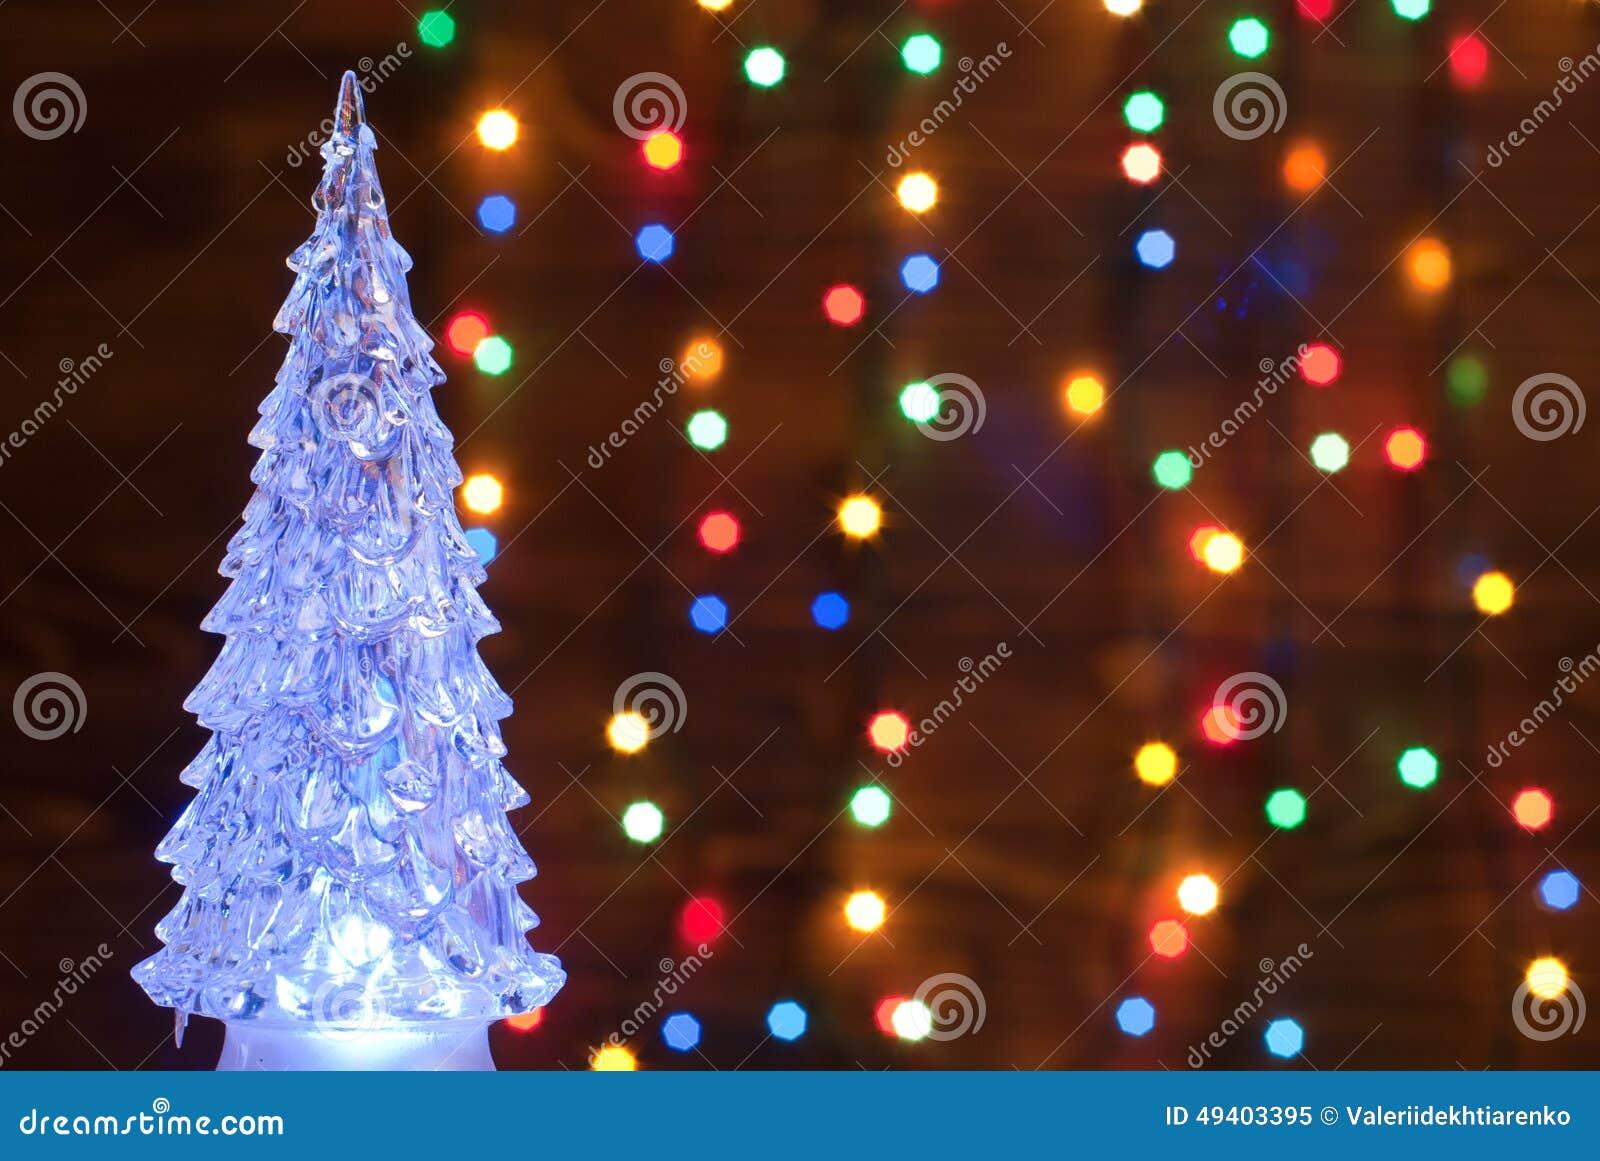 Download Crystal Christmas-Baum Belichtet Mit Einer Girlande Auf Dem Backgro Stockbild - Bild von nacht, schnee: 49403395